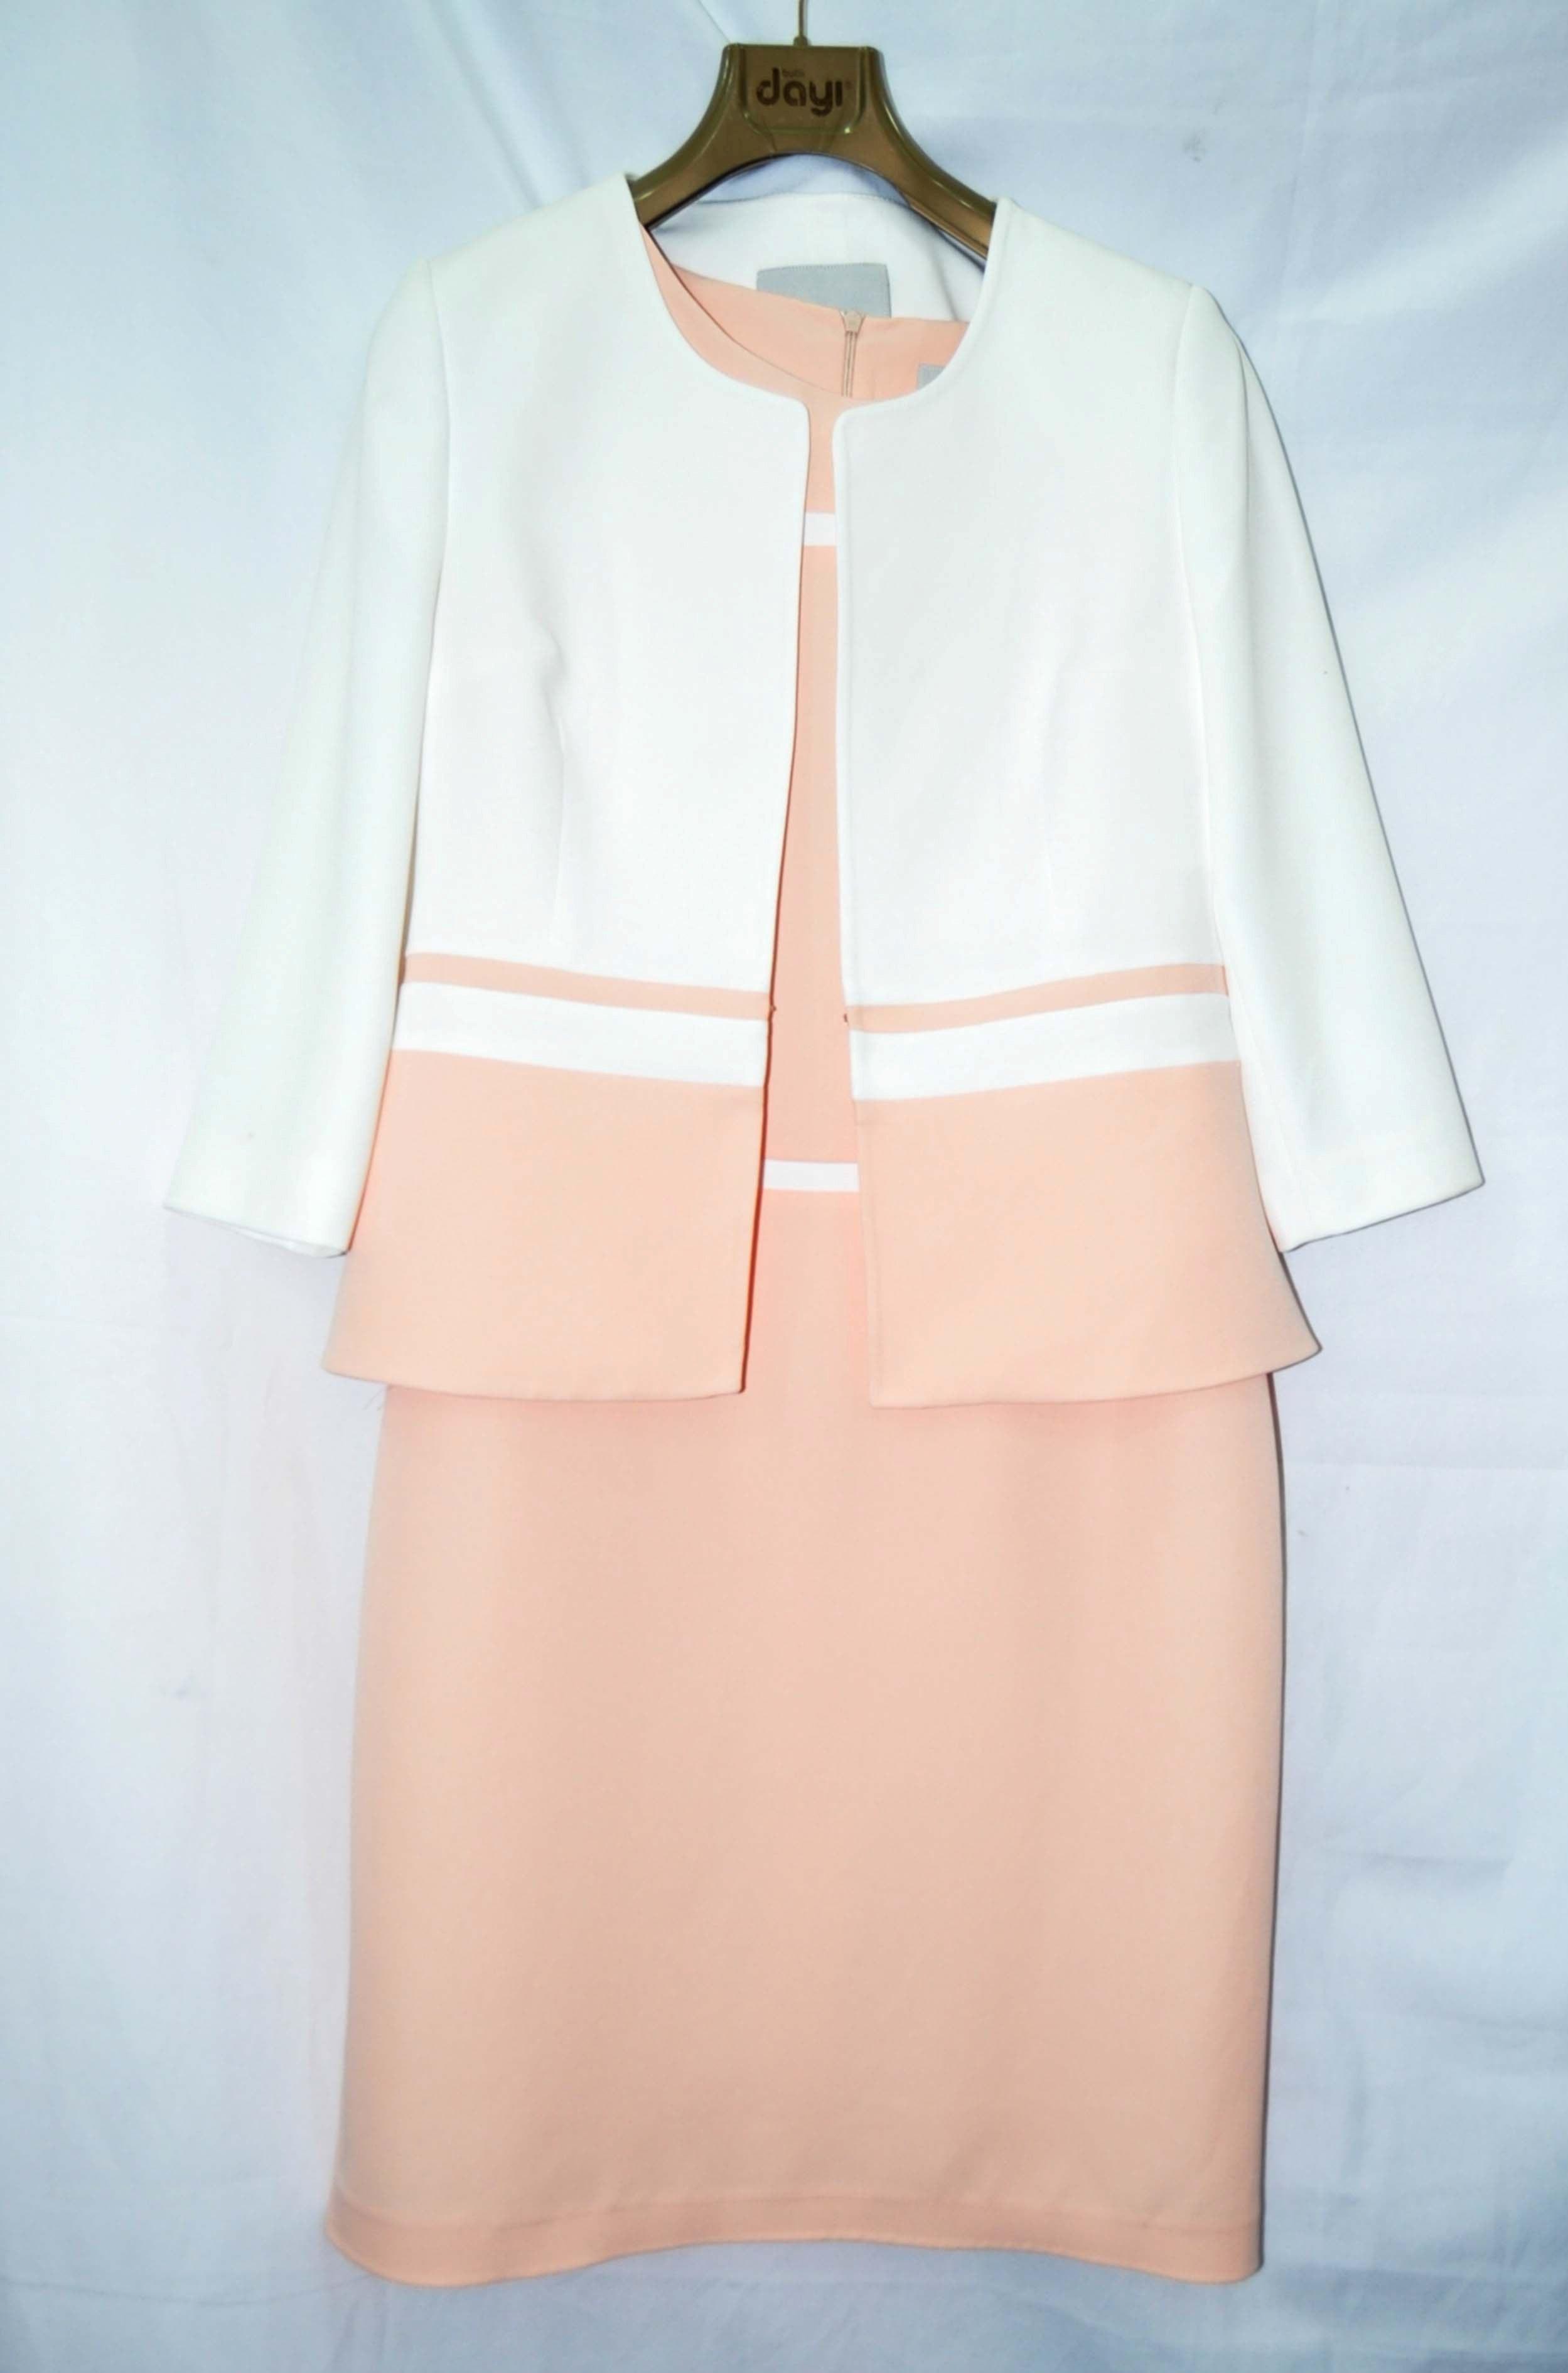 ShoppingList   Ensemble dame Baraci en soie (Other Fashion Women Item) 7b07c729051